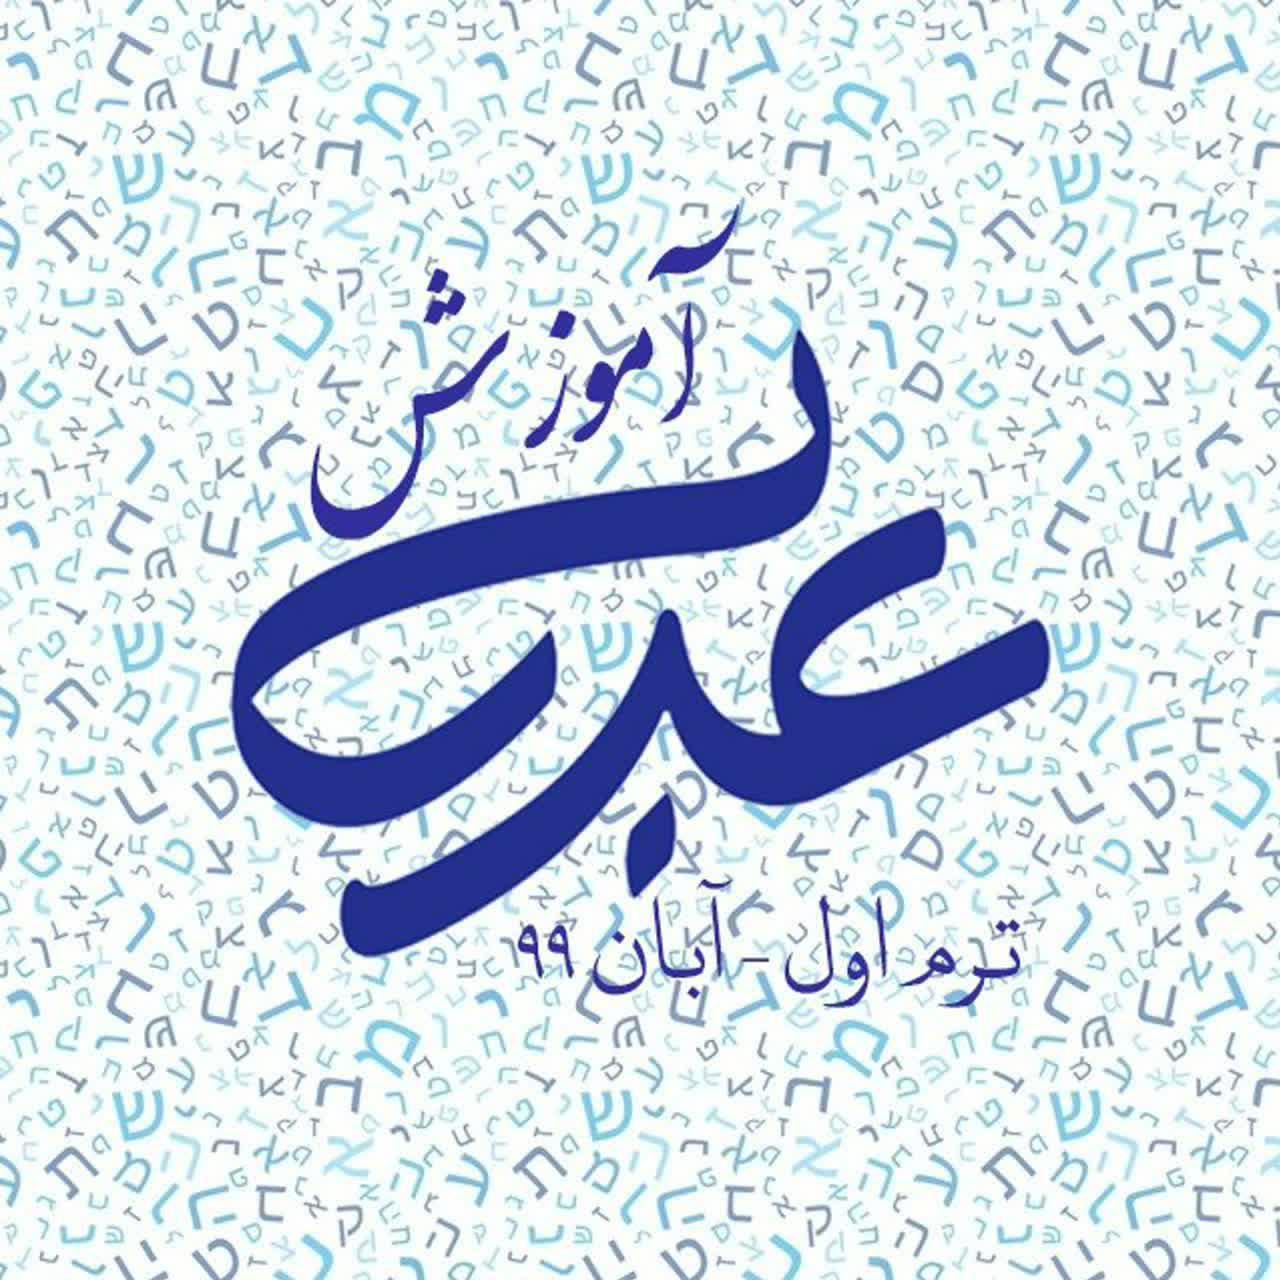 آموزش زبان عبری ویژه طلاب حوزه علمیه مازندران برگزار می شود